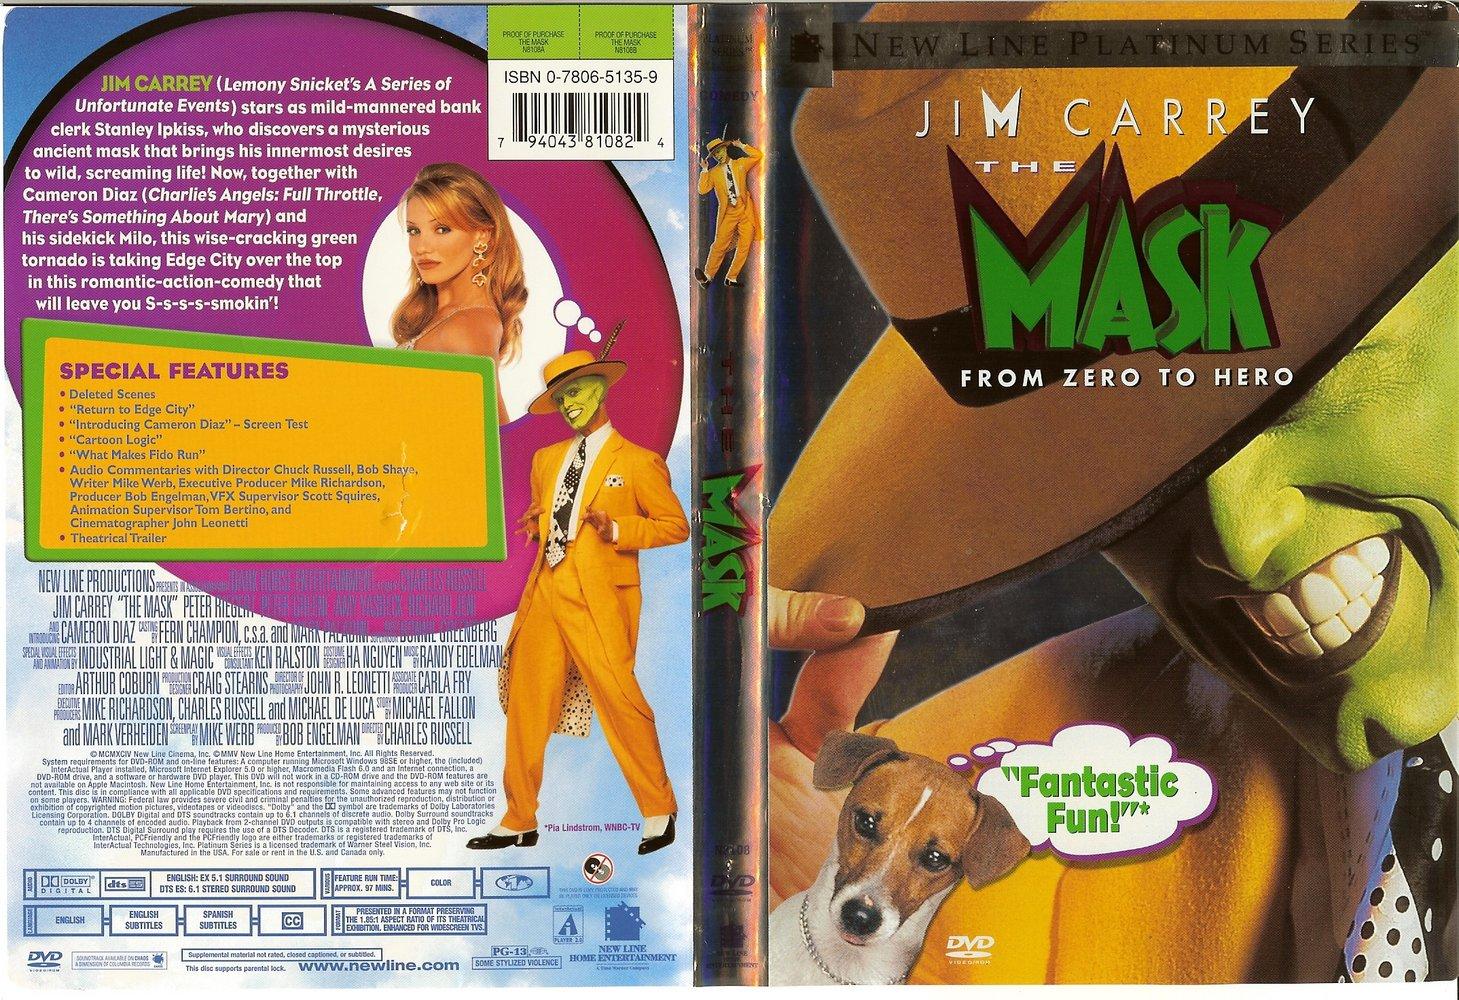 http://2.bp.blogspot.com/_gRRlB9YQM4k/TEyefKzTtQI/AAAAAAAAACk/JFRIsa8wUbY/s1600/The_Mask-%5Bcdcovers_cc%5D-front.jpg